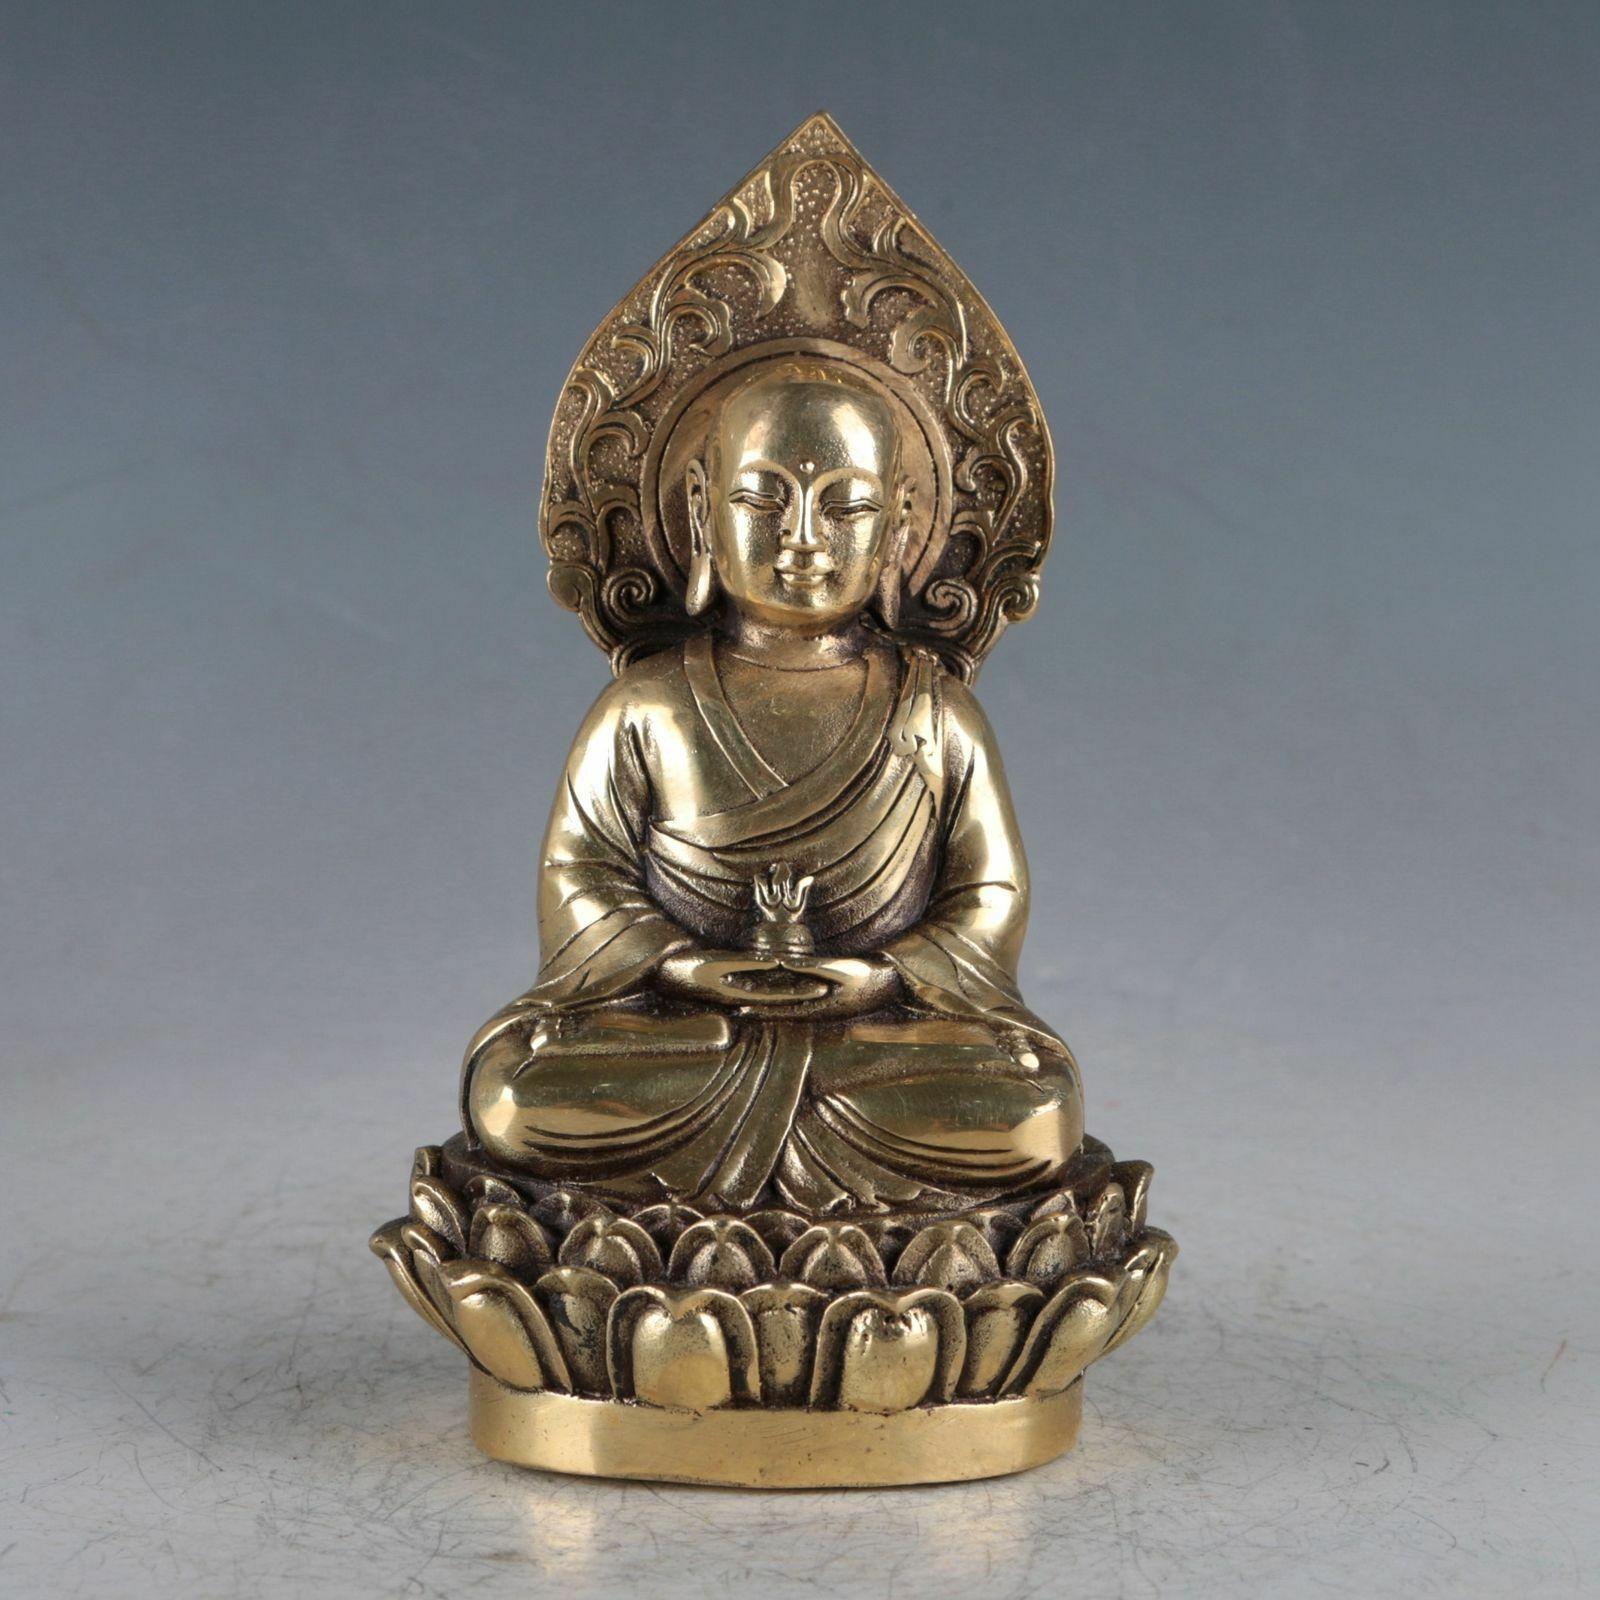 Chinese Brass Tibetan Buddhism  Handwork Carved  garuda bird Buddha Statue